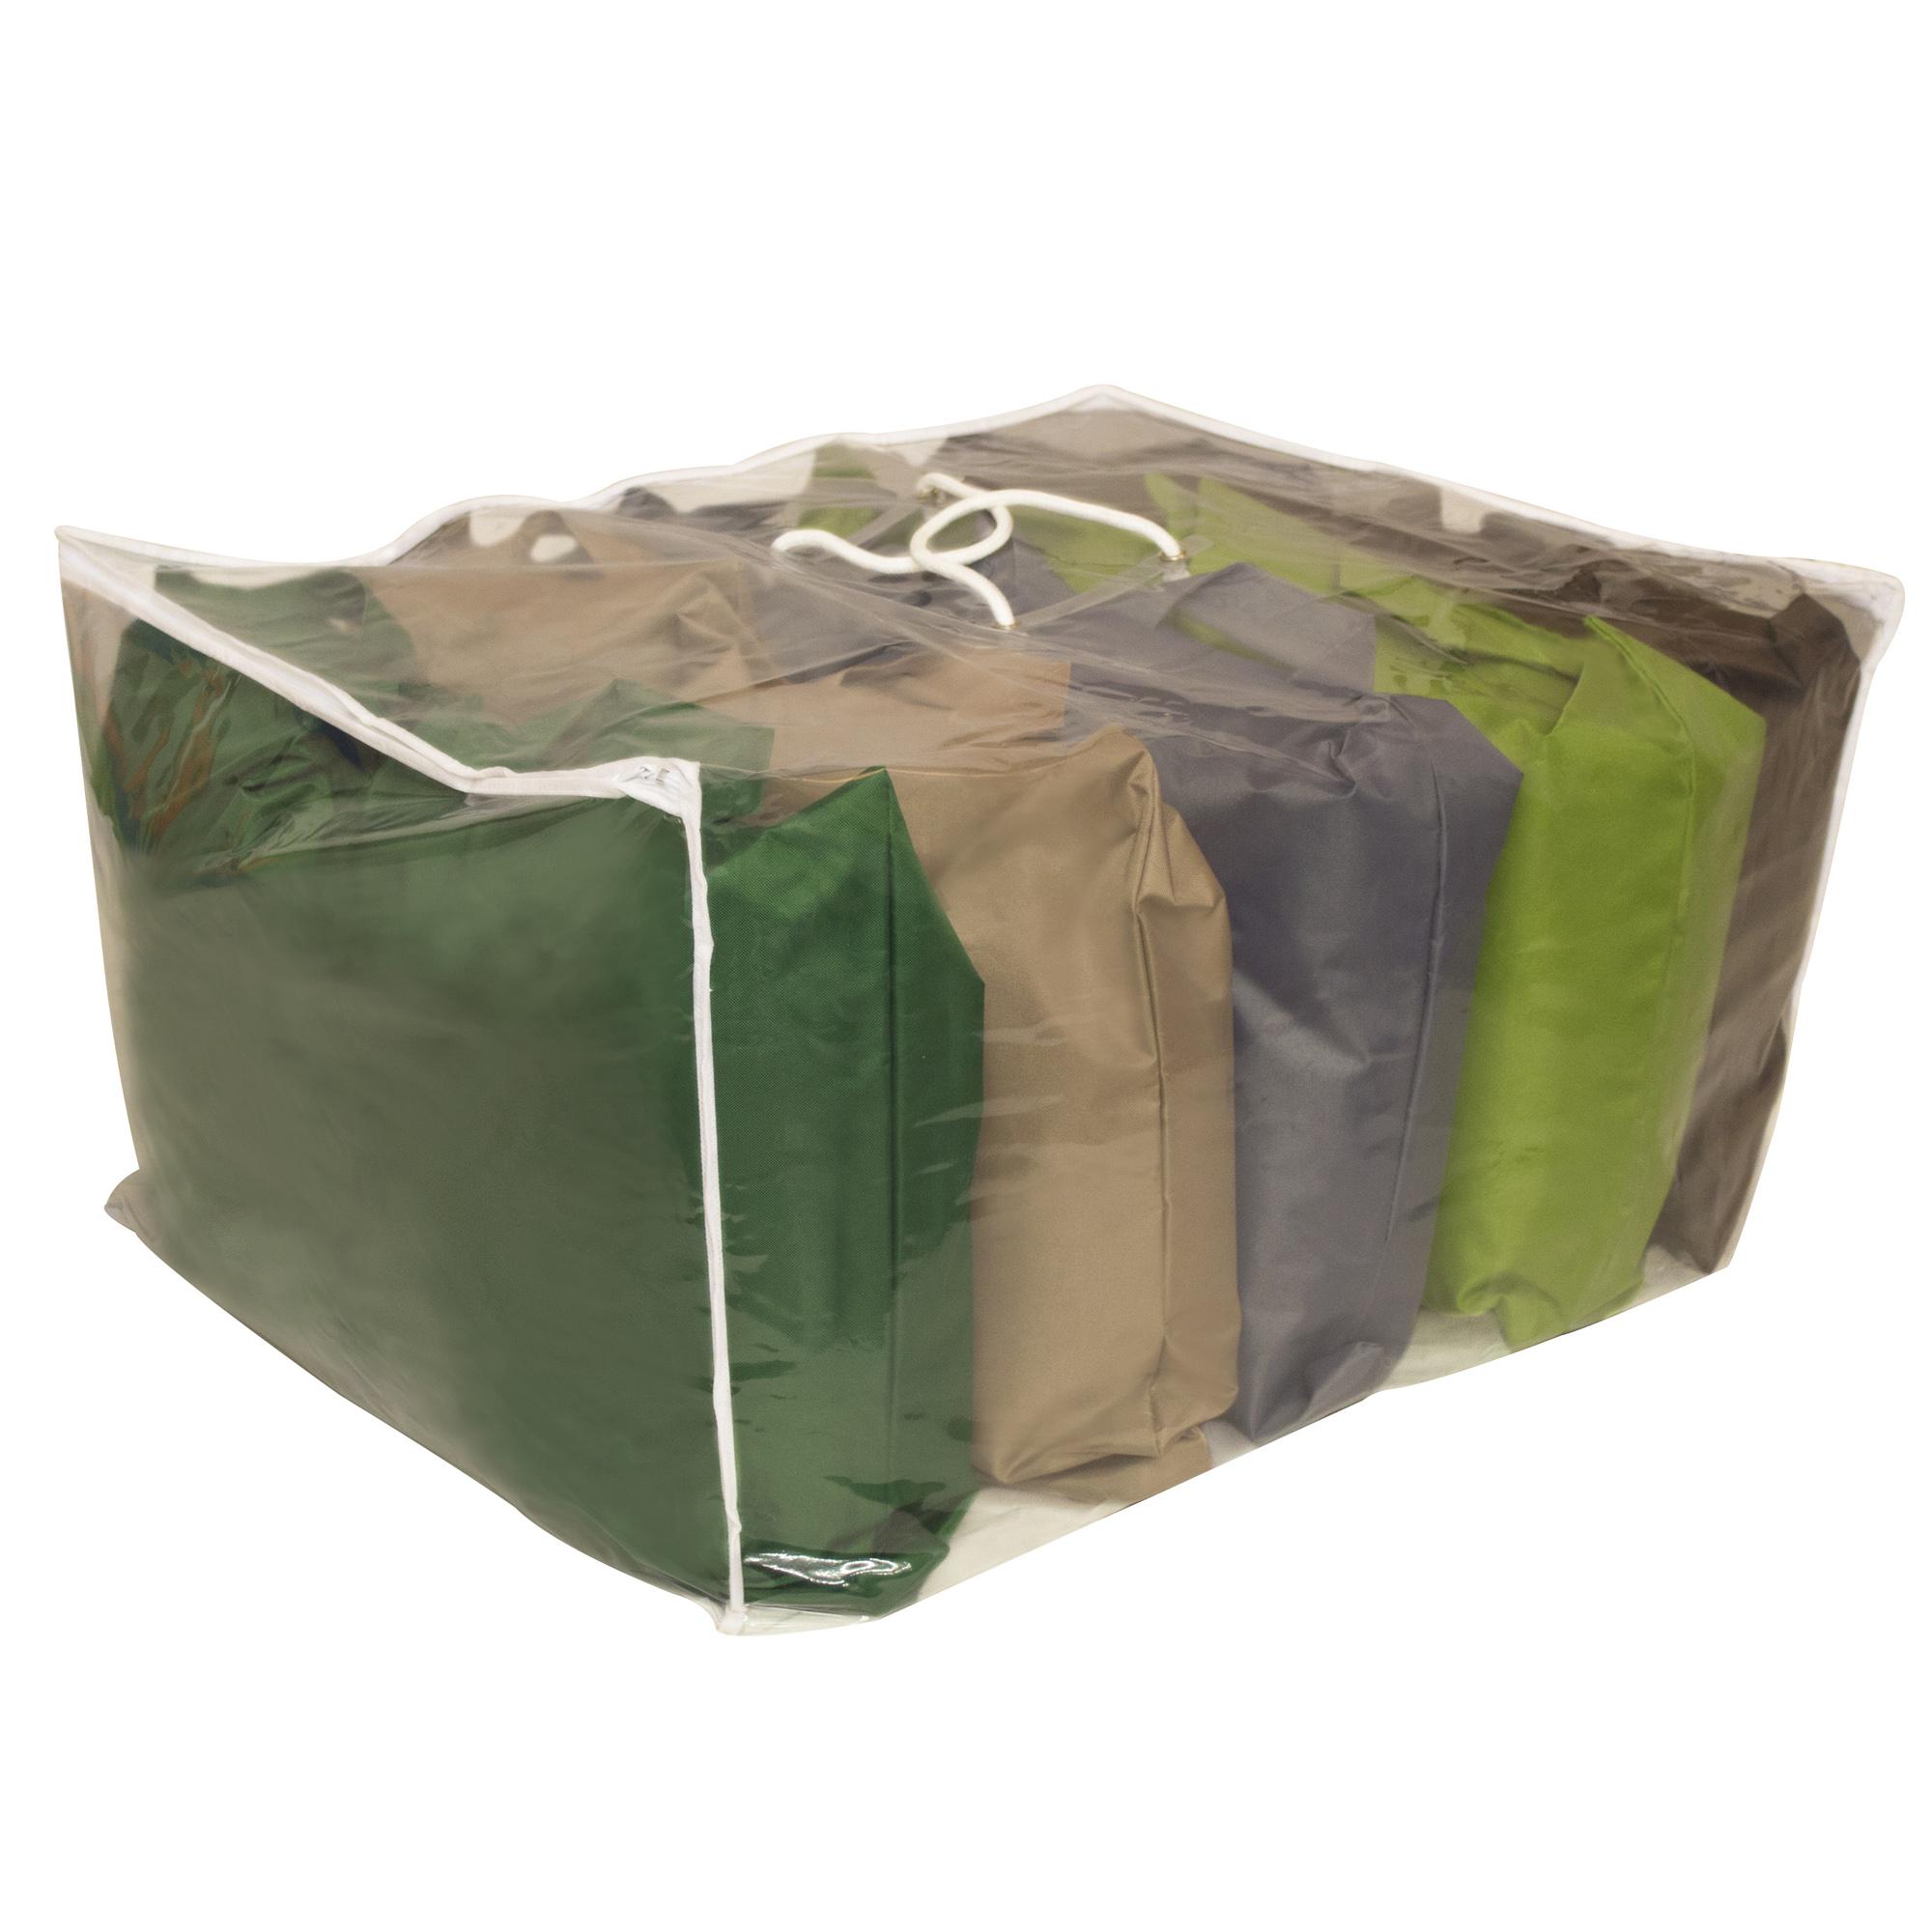 Eden-Cushions-Natural-bag-300dpi-1